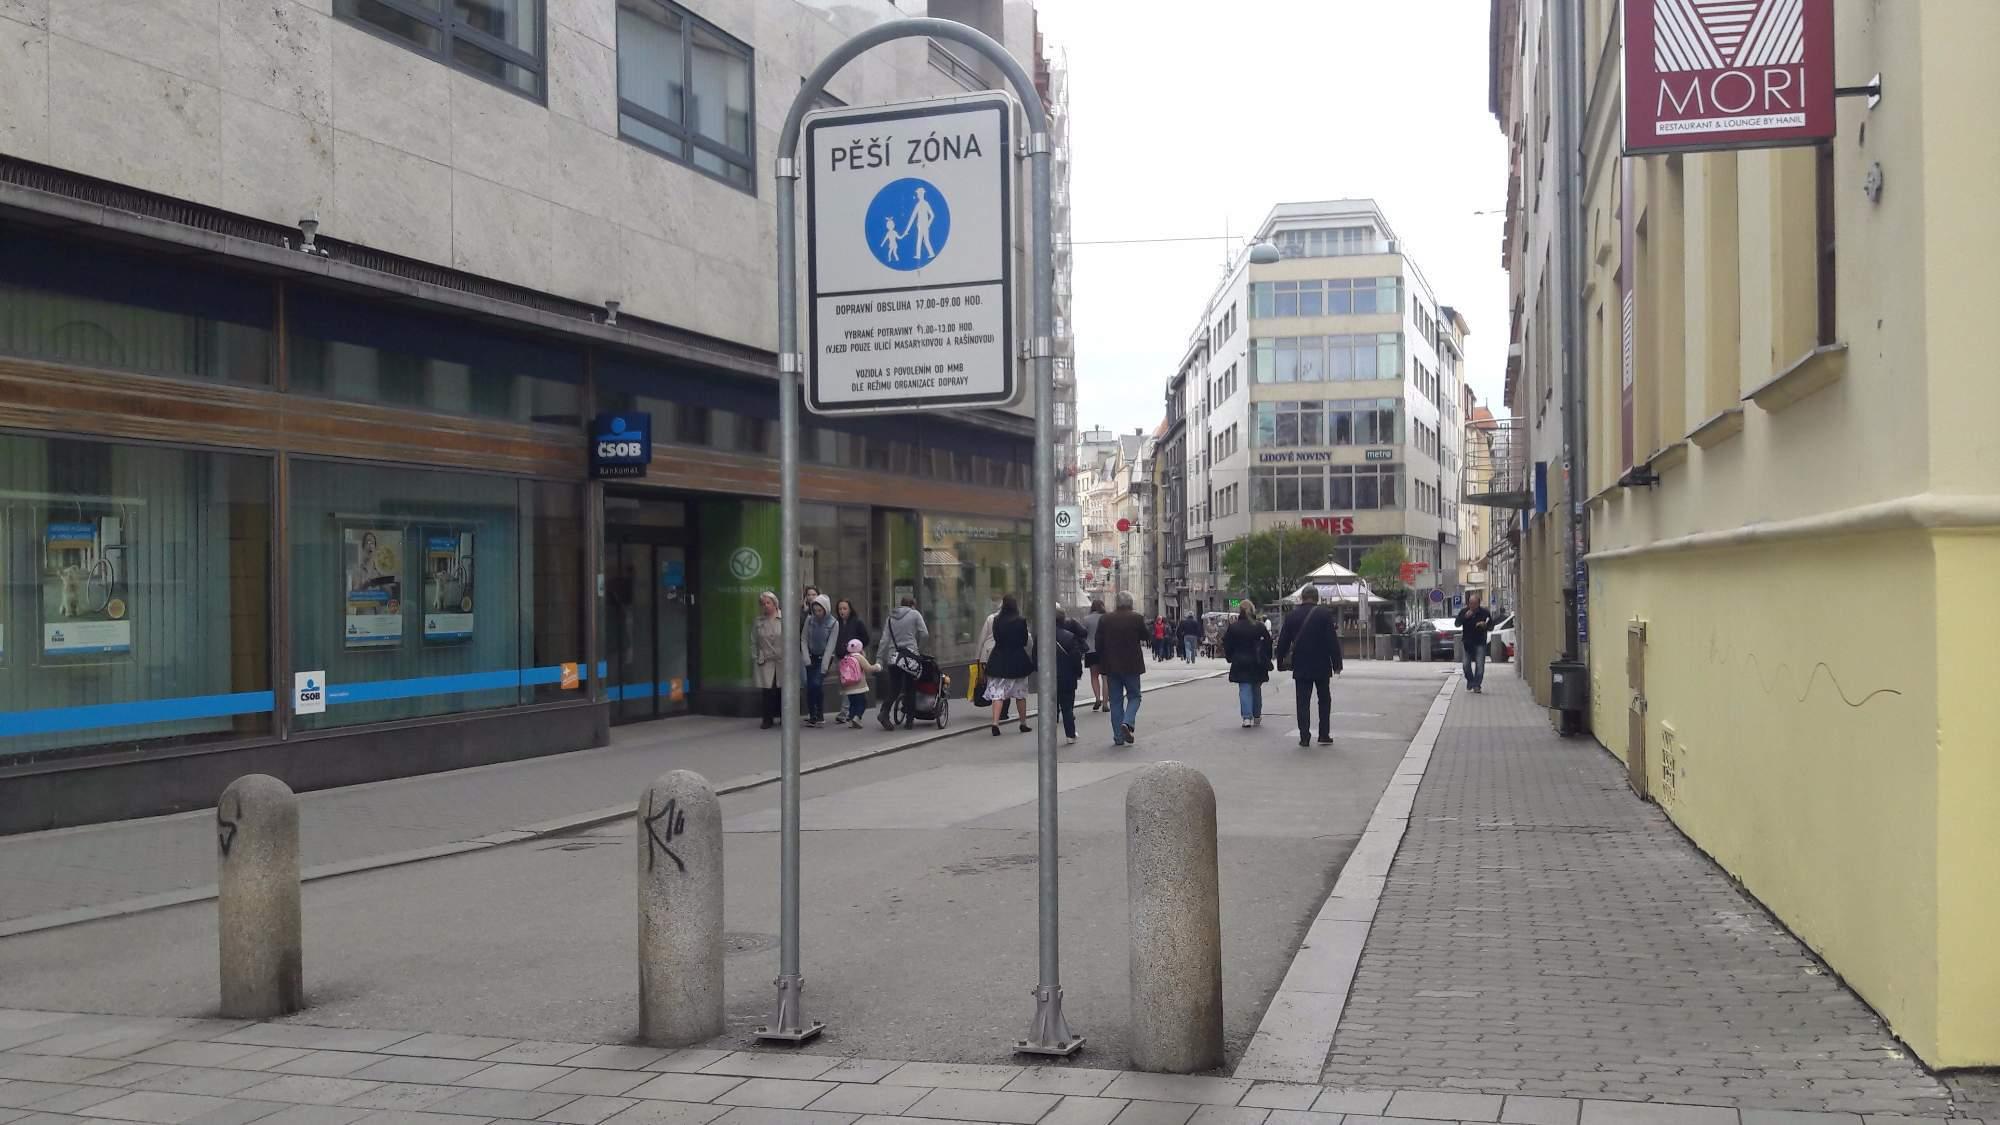 Plán mobility se zaměřuje i na chodce a pěší zóny v Brně. Foto: Pavlína Černá